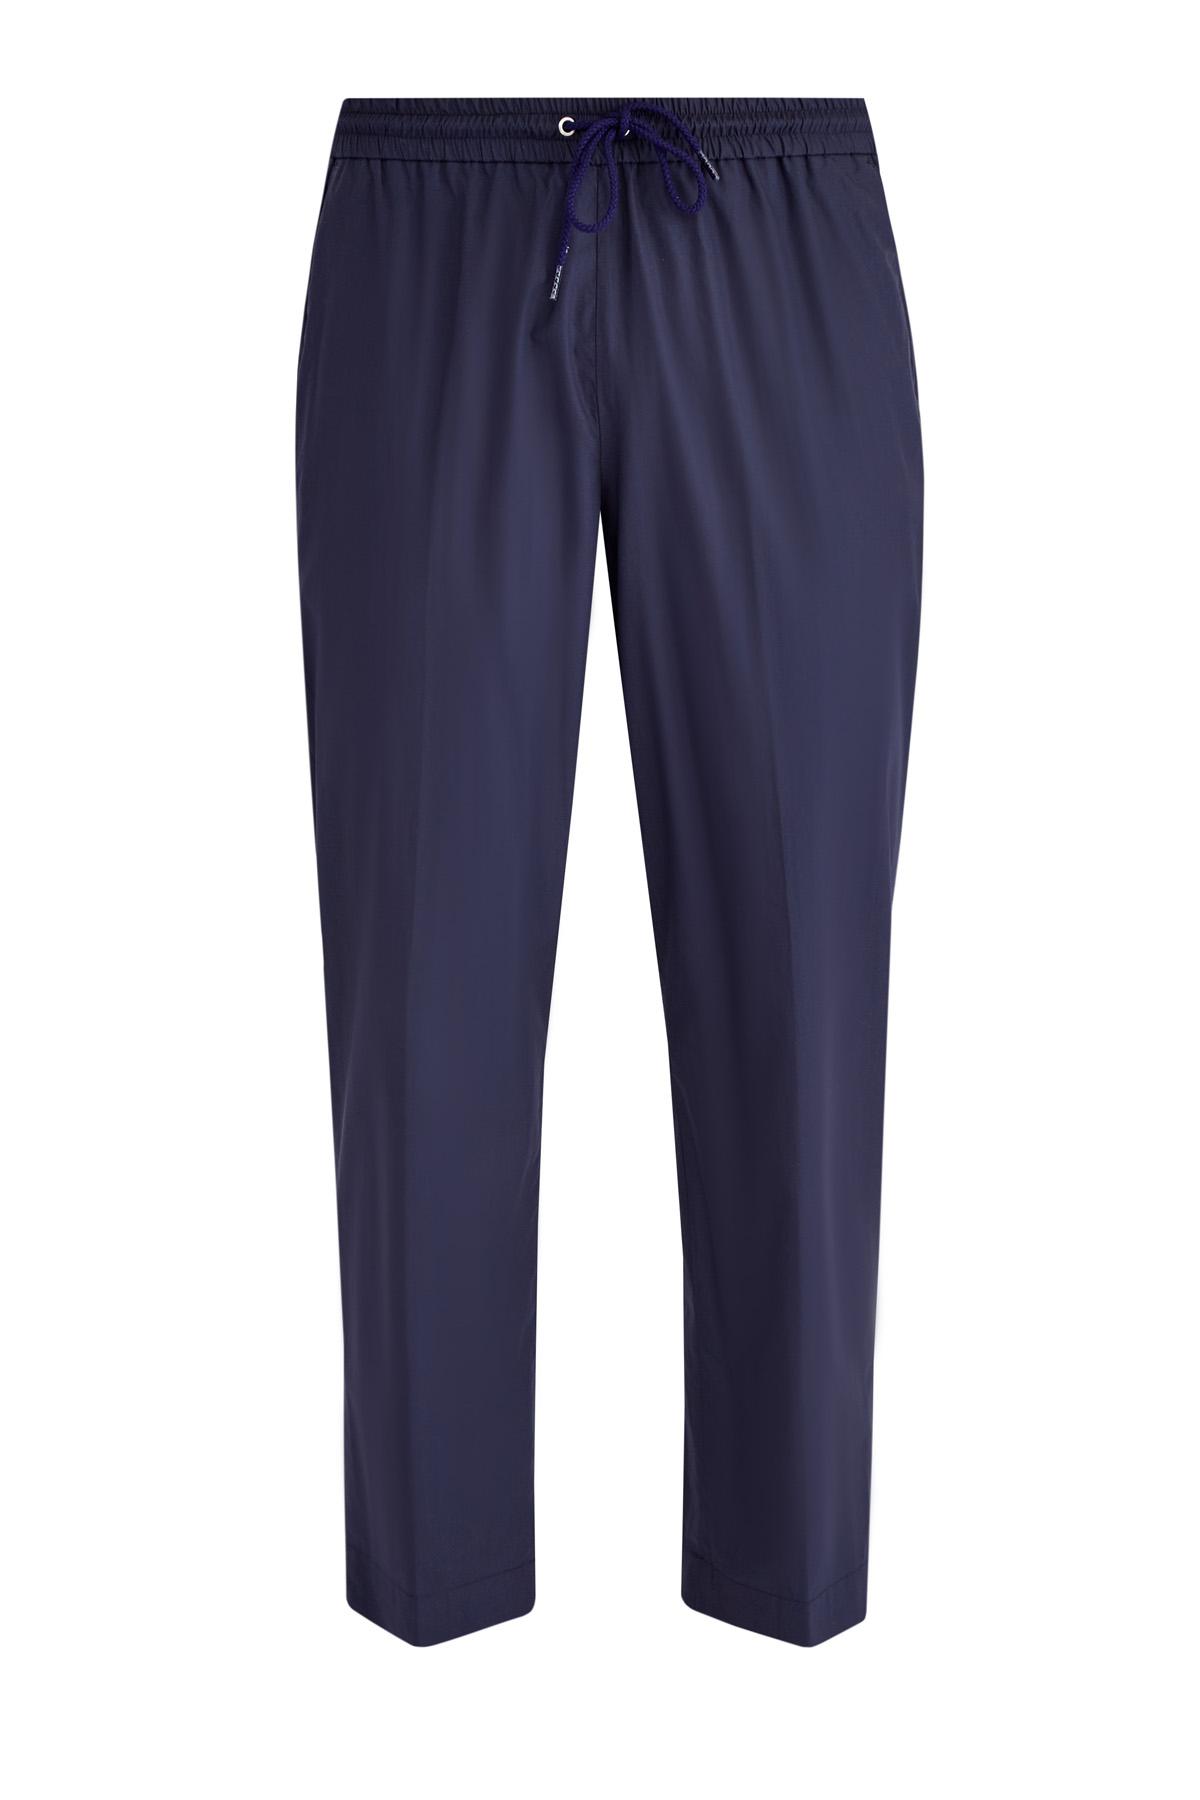 Купить Укороченные брюки из тонкого хлопка на эластичном поясе с кулиской, KENZO, Тунис, хлопок 100%